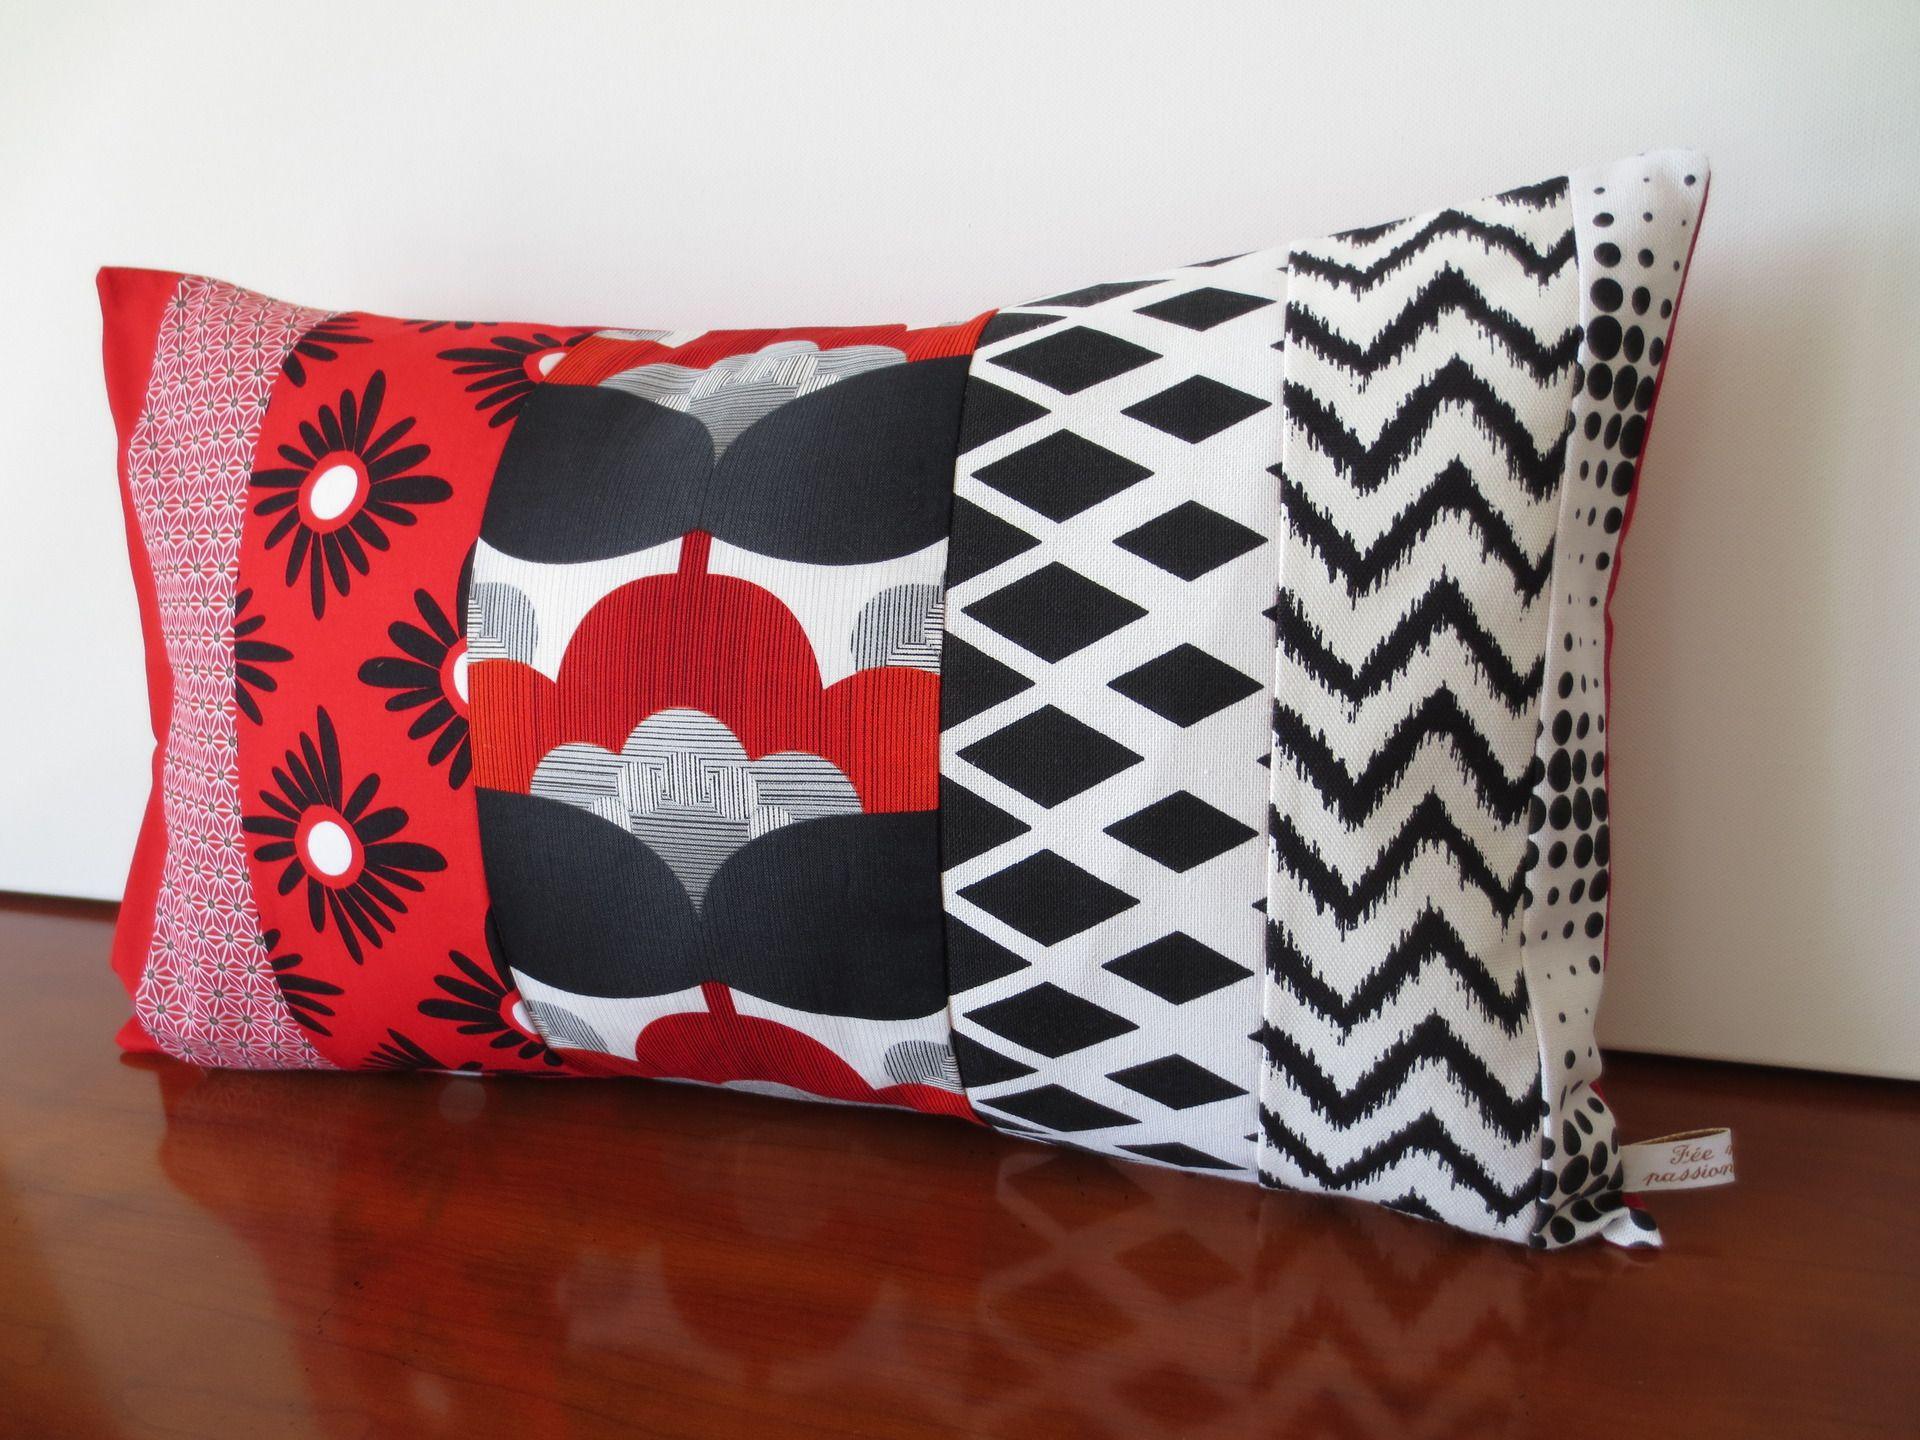 housse coussin vintage graphique et fleurs style japonais textiles et tapis par michka. Black Bedroom Furniture Sets. Home Design Ideas